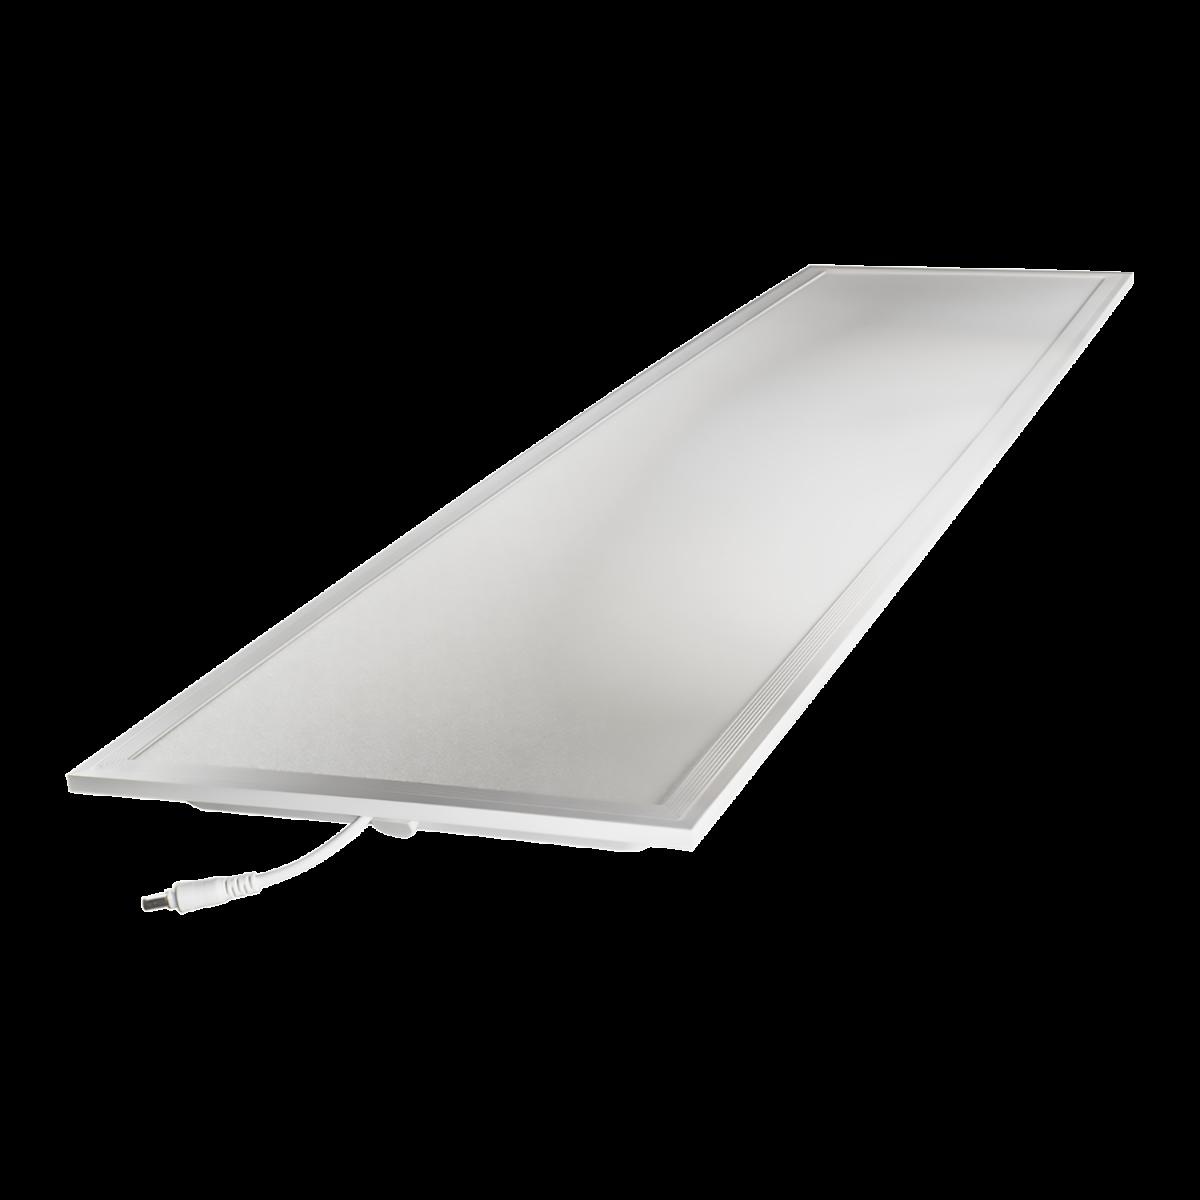 Noxion LED panel Delta Pro Highlum V2.0 40W 30x120cm 6500K 5480lm UGR <19 | daglys - erstatter 2x36W